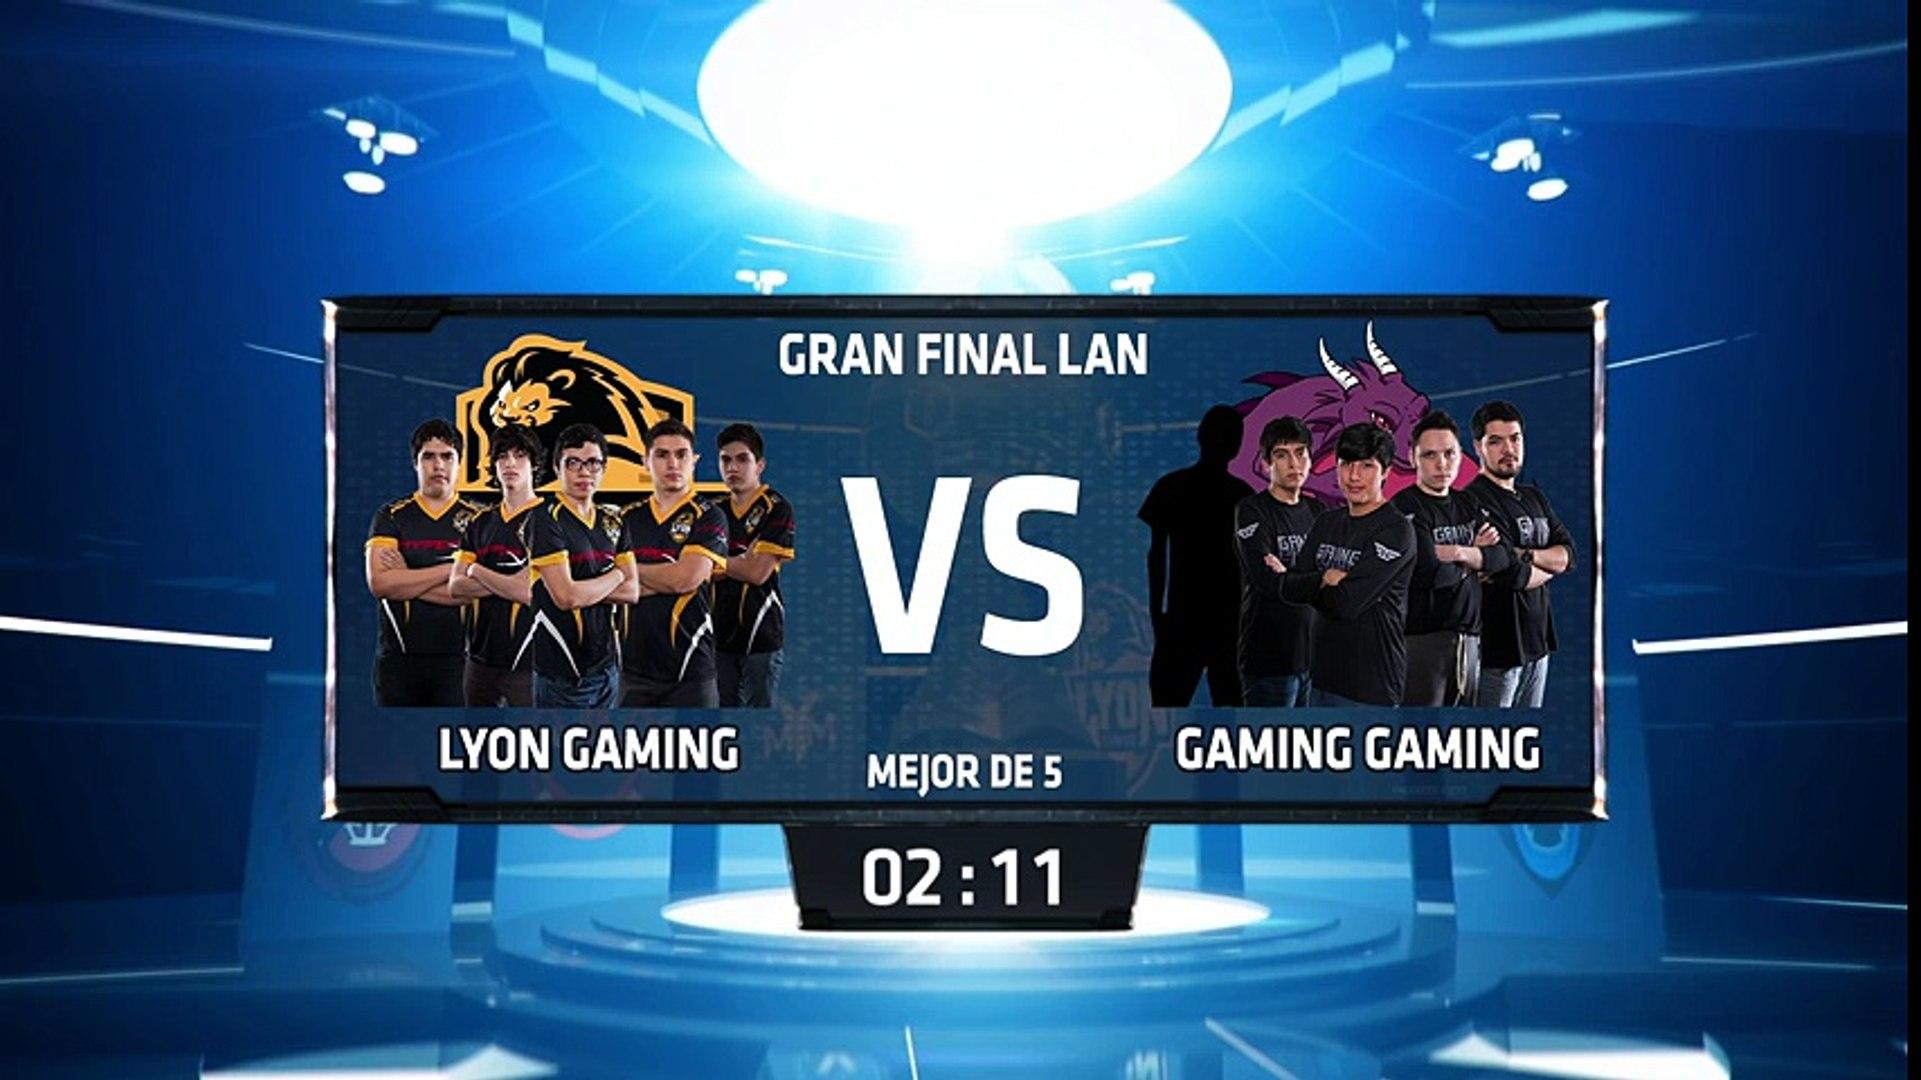 Lyon Gaming vs Gaming Gaming - La Final 185